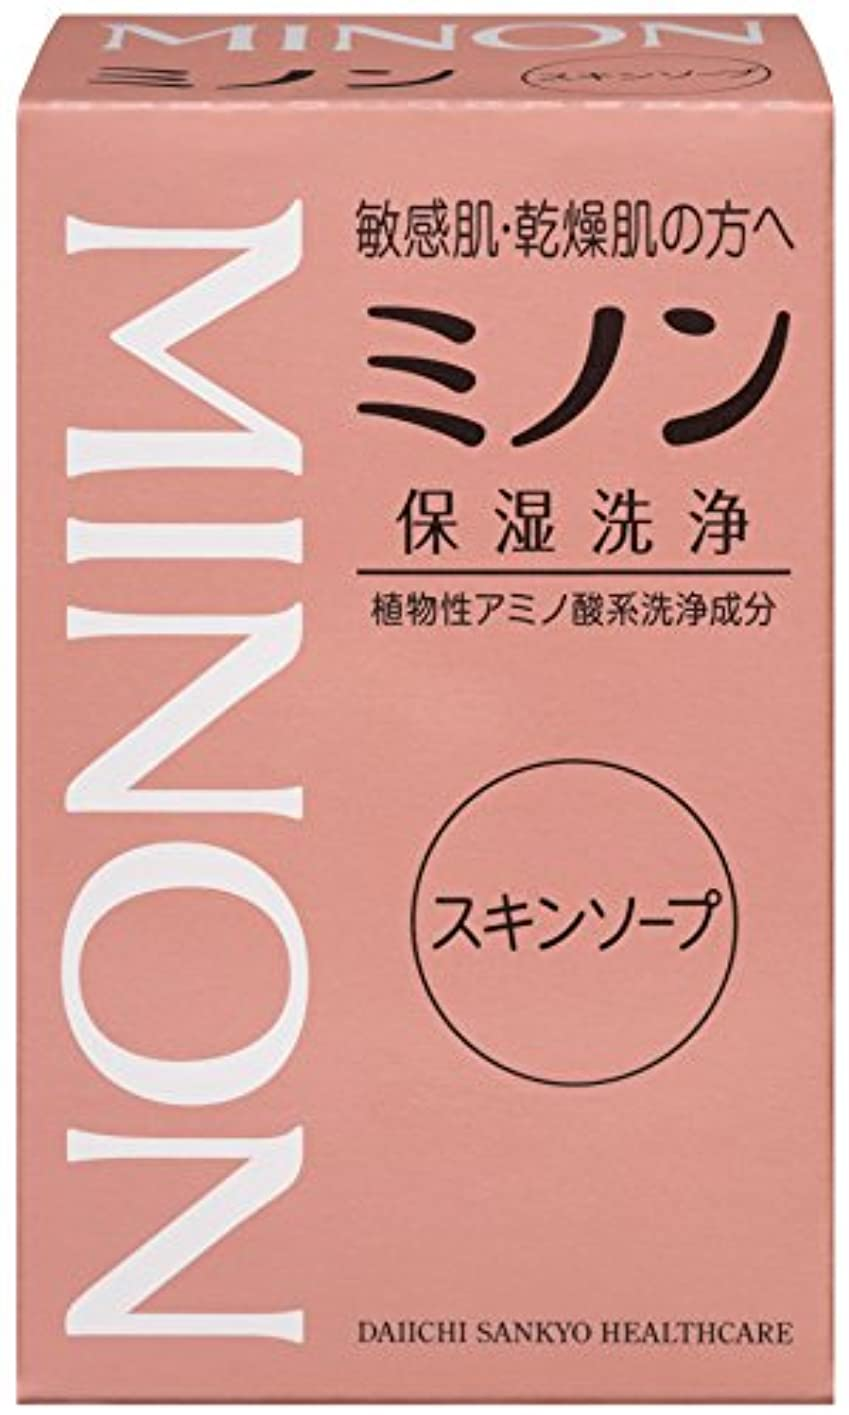 正確に調和のとれた圧縮するMINON(ミノン) スキンソープ 80g